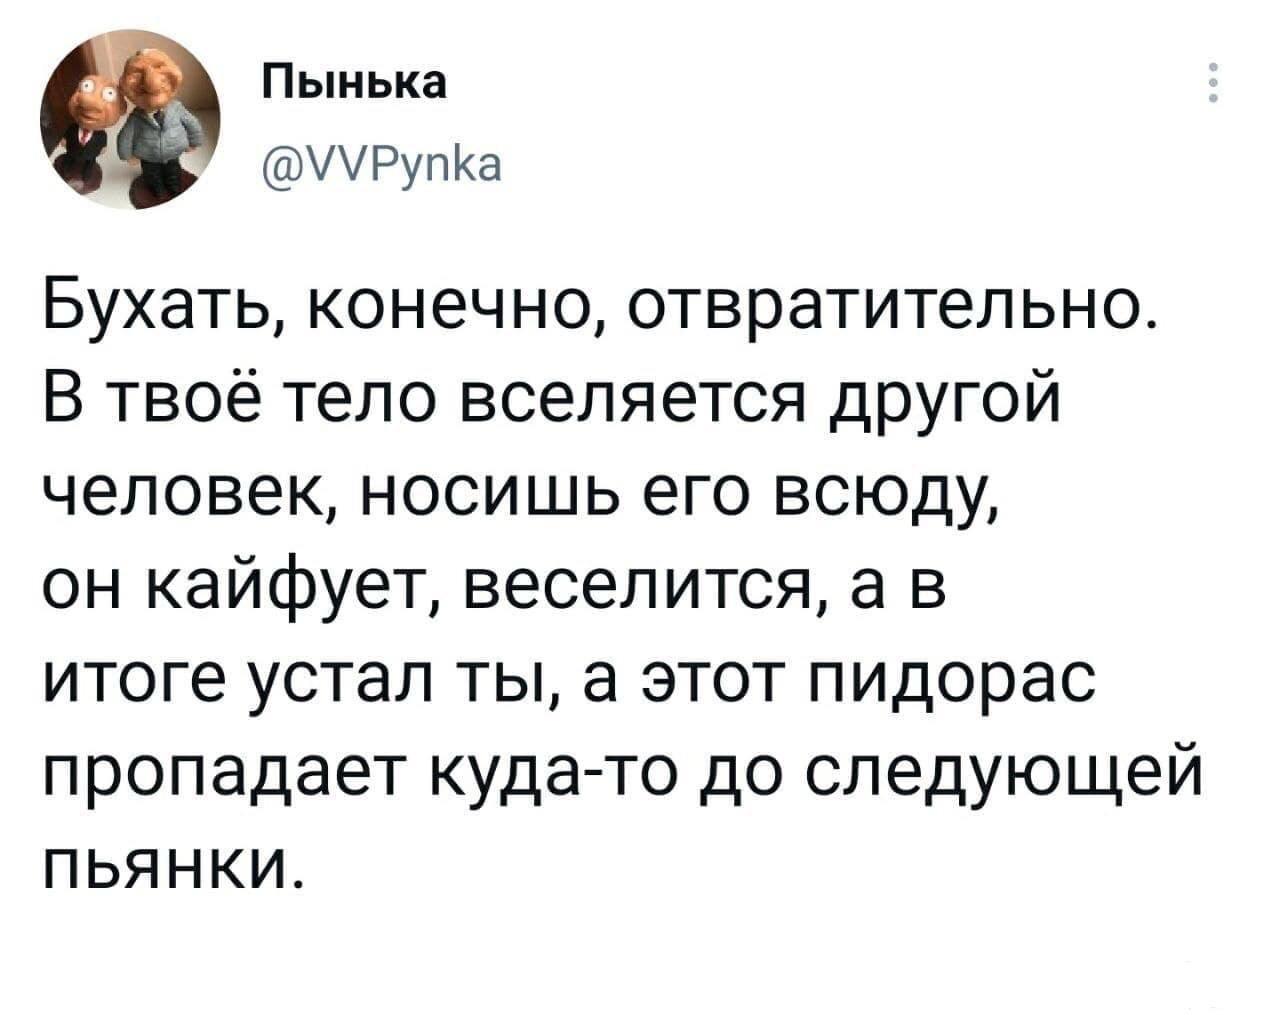 131770 - Пить или не пить? - пятничная алкогольная тема )))